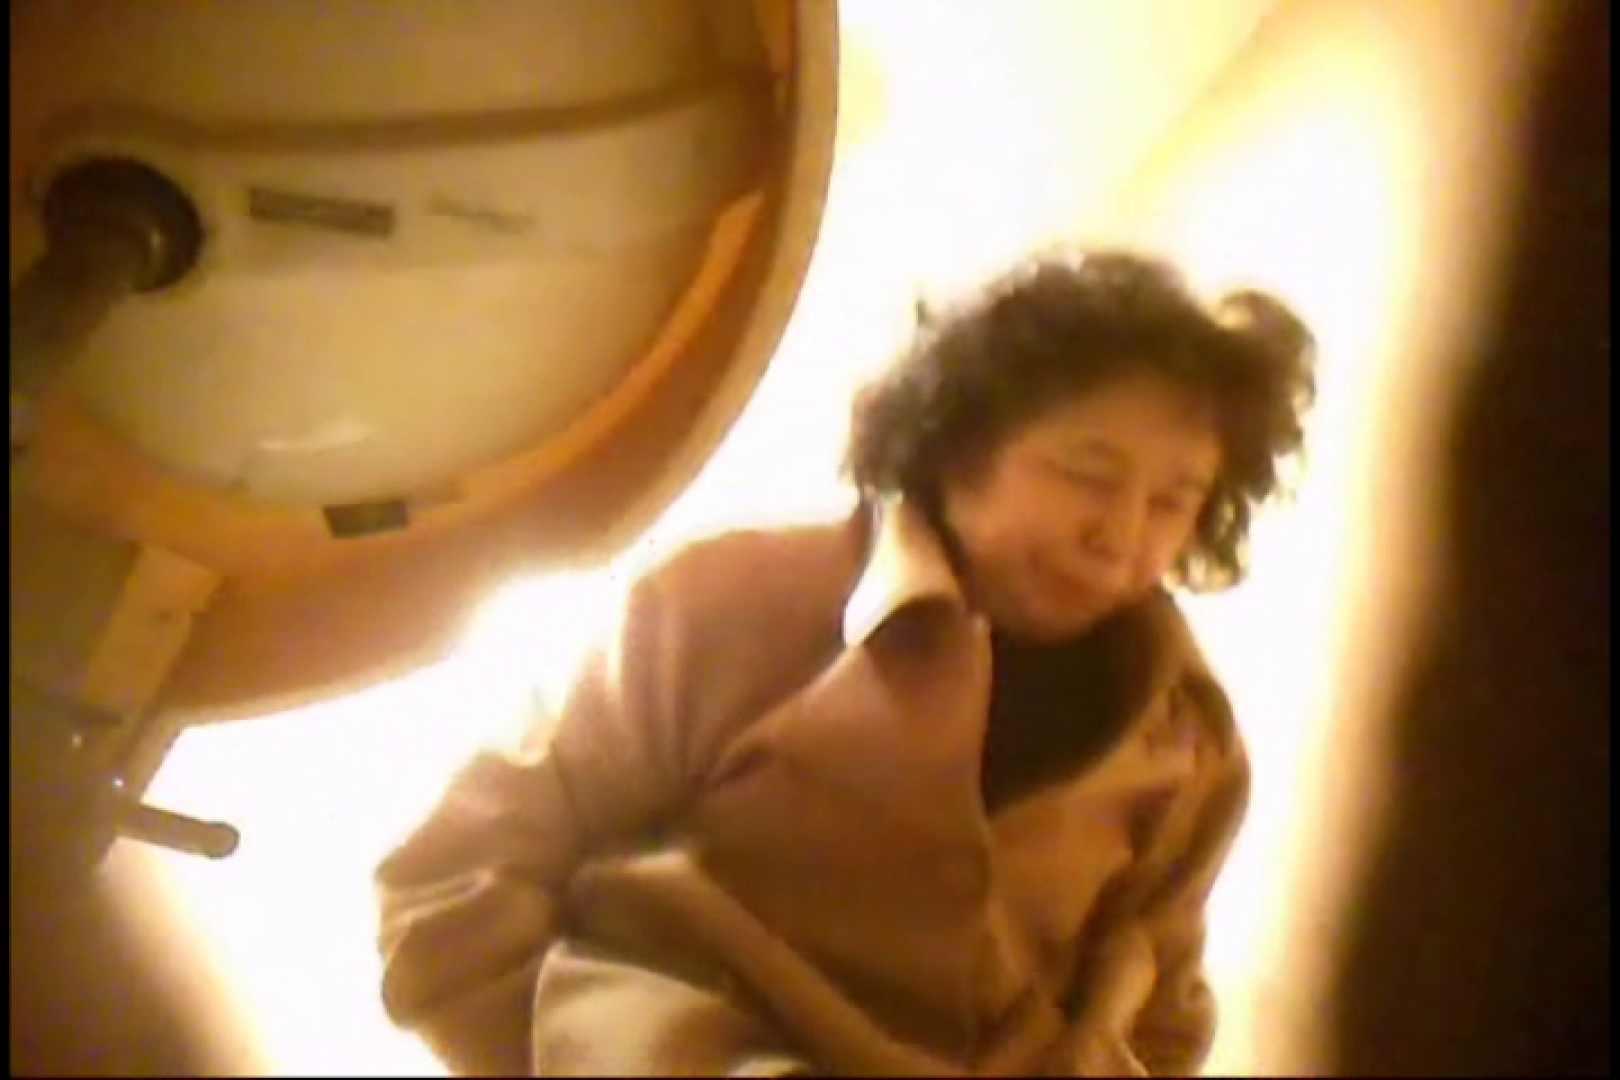 潜入!!女子化粧室盗撮~絶対見られたくない時間~vo,86 盗撮動画 ヌード画像 9枚 8